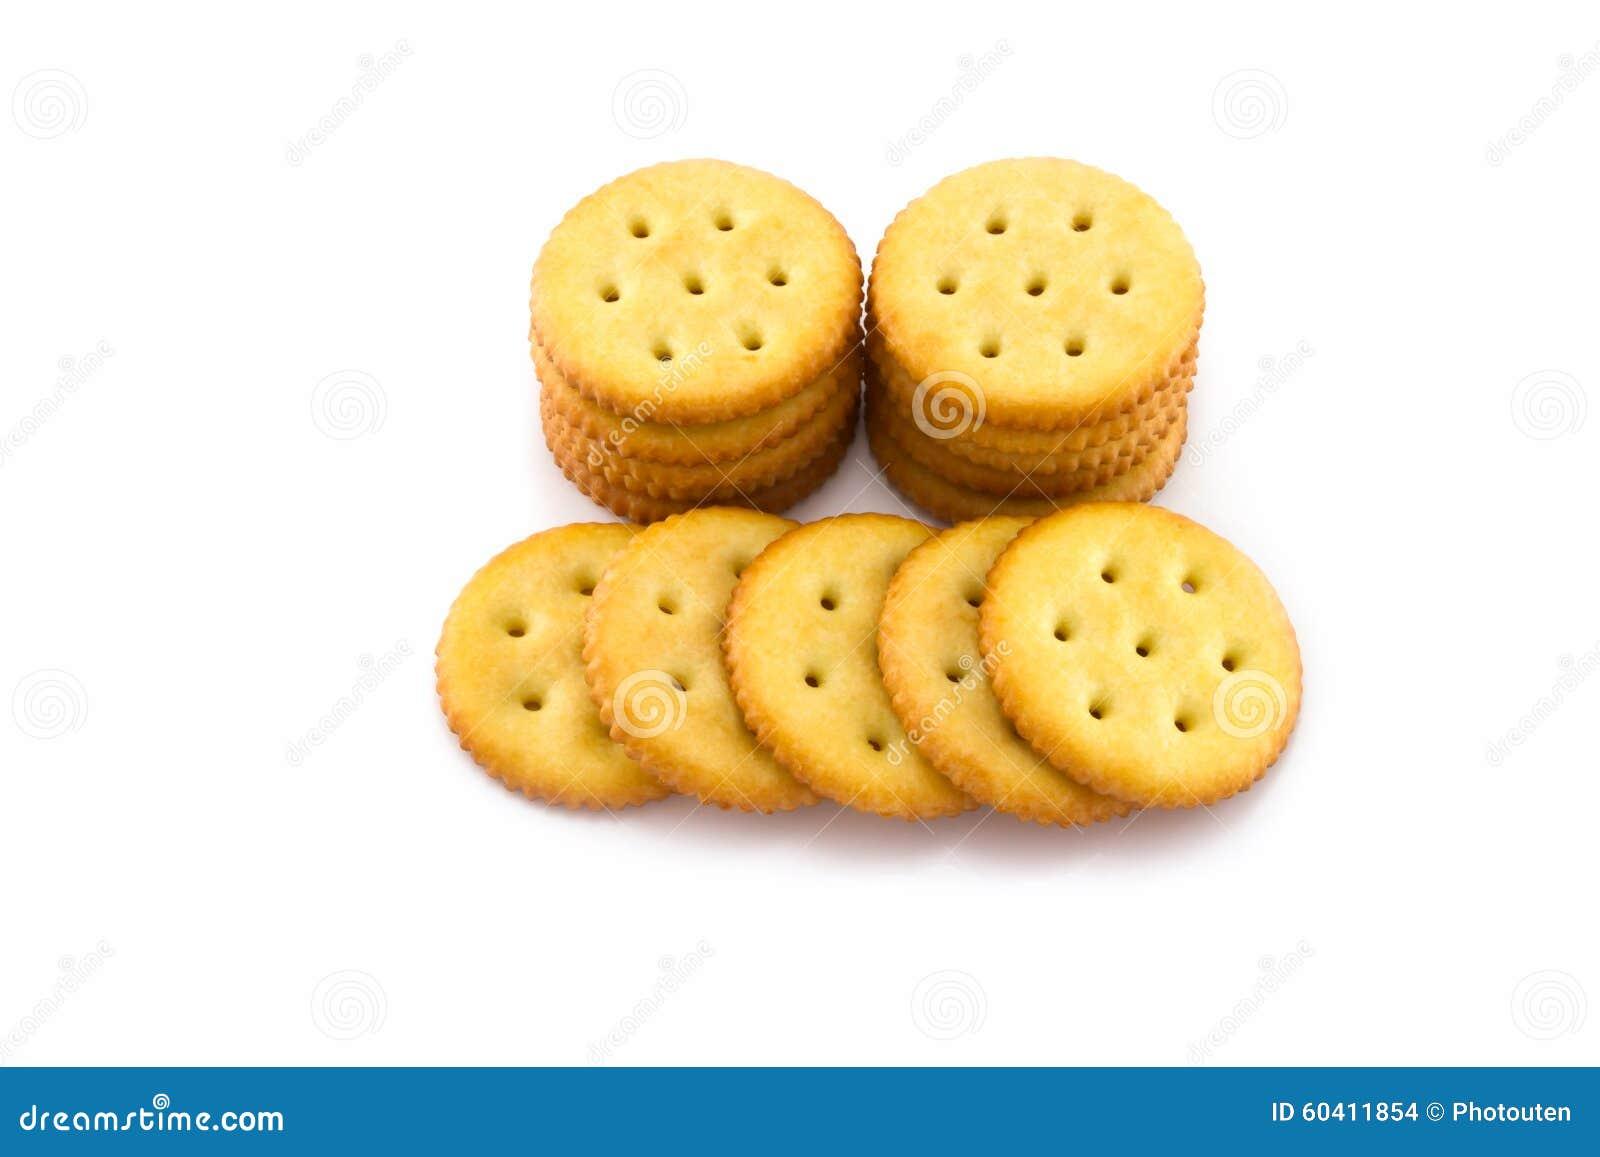 来回的薄脆饼干